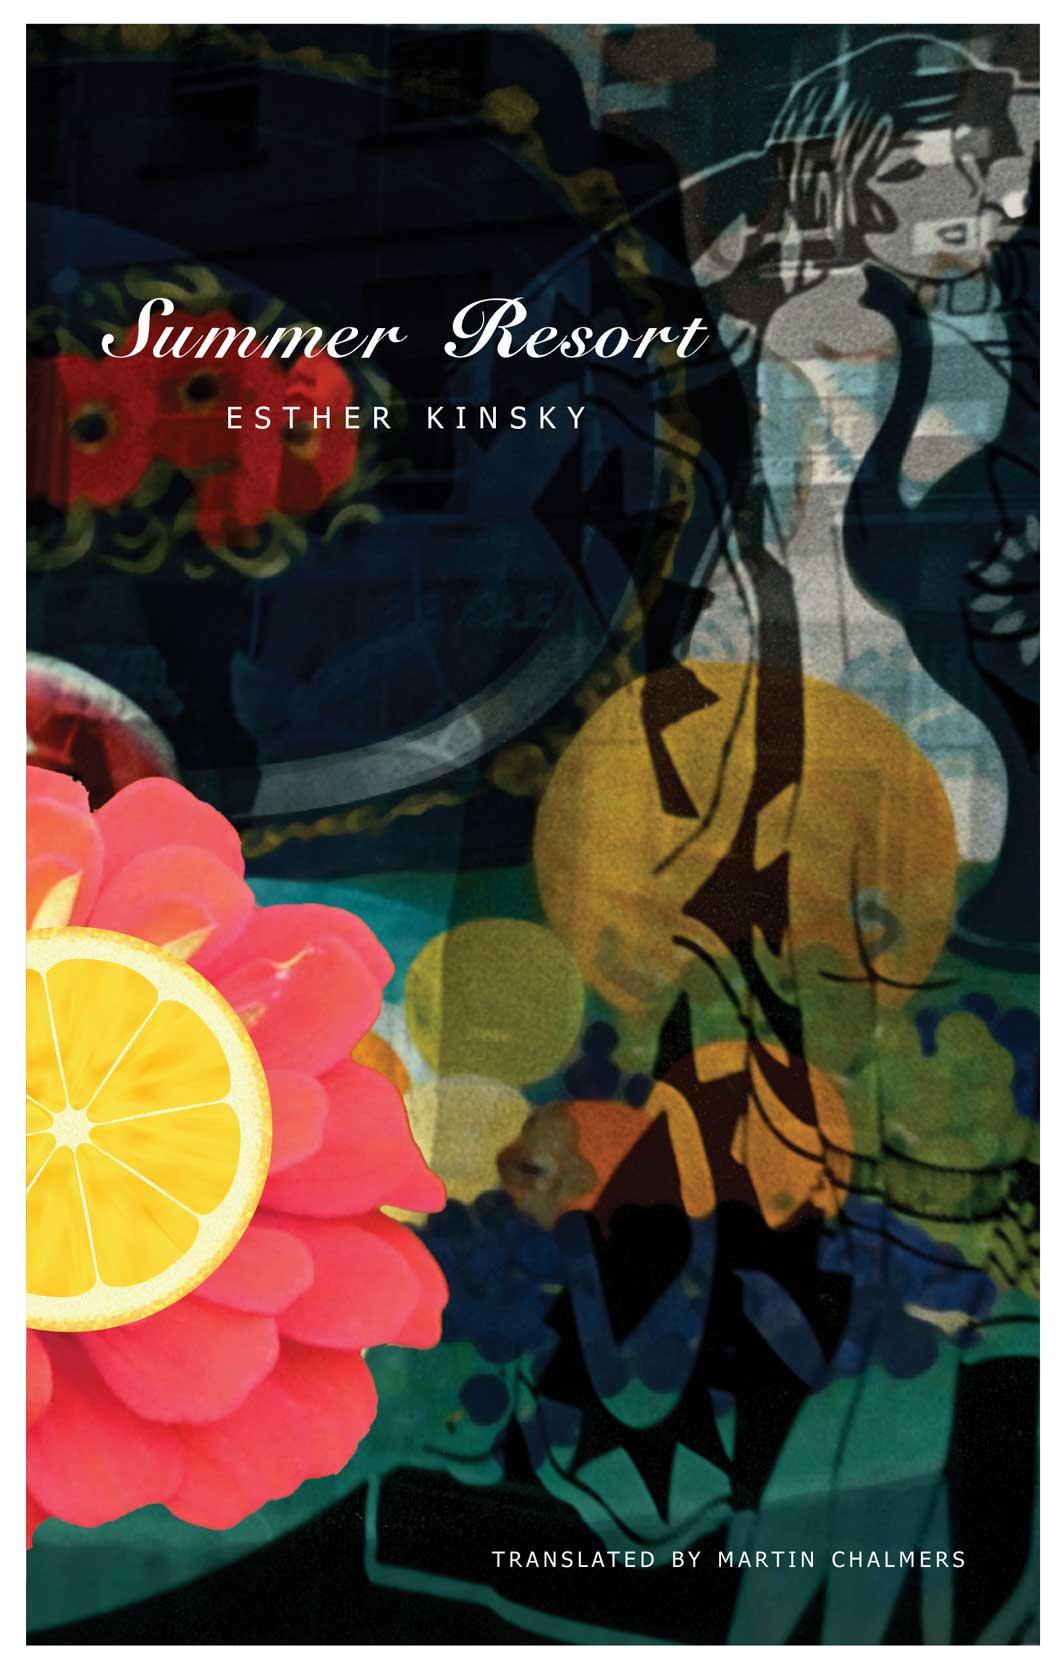 Summer Resort by Esther Kinsky | Seagull Books